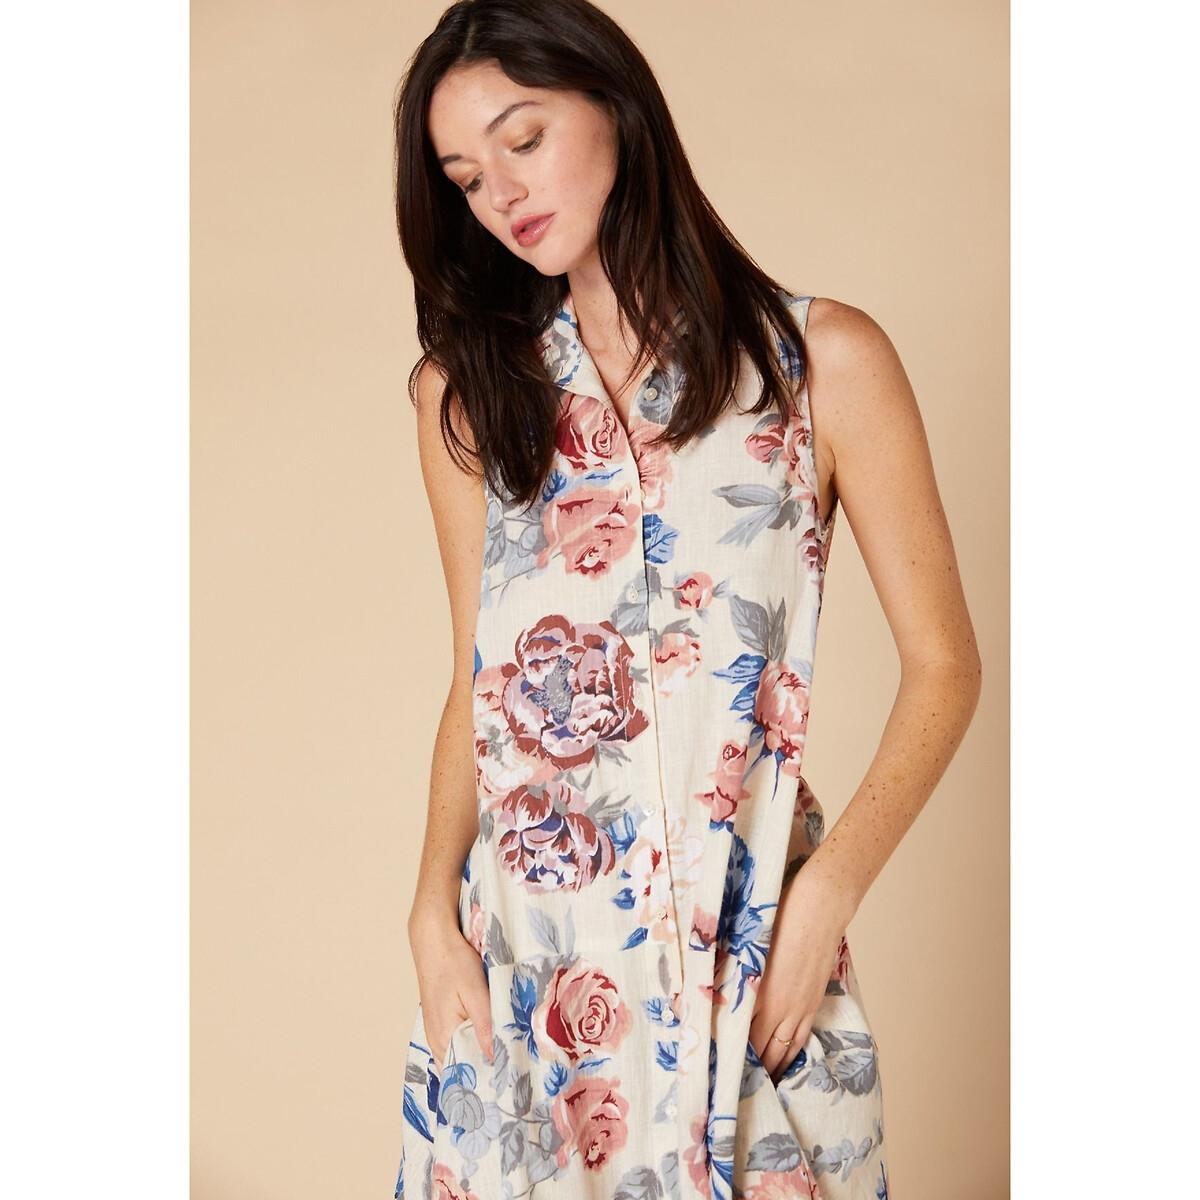 Платье La Redoute С цветочным рисунком и завязками на поясе M белый юбка la redoute короткая расклешенная с цветочным рисунком и оборками на поясе xs бежевый